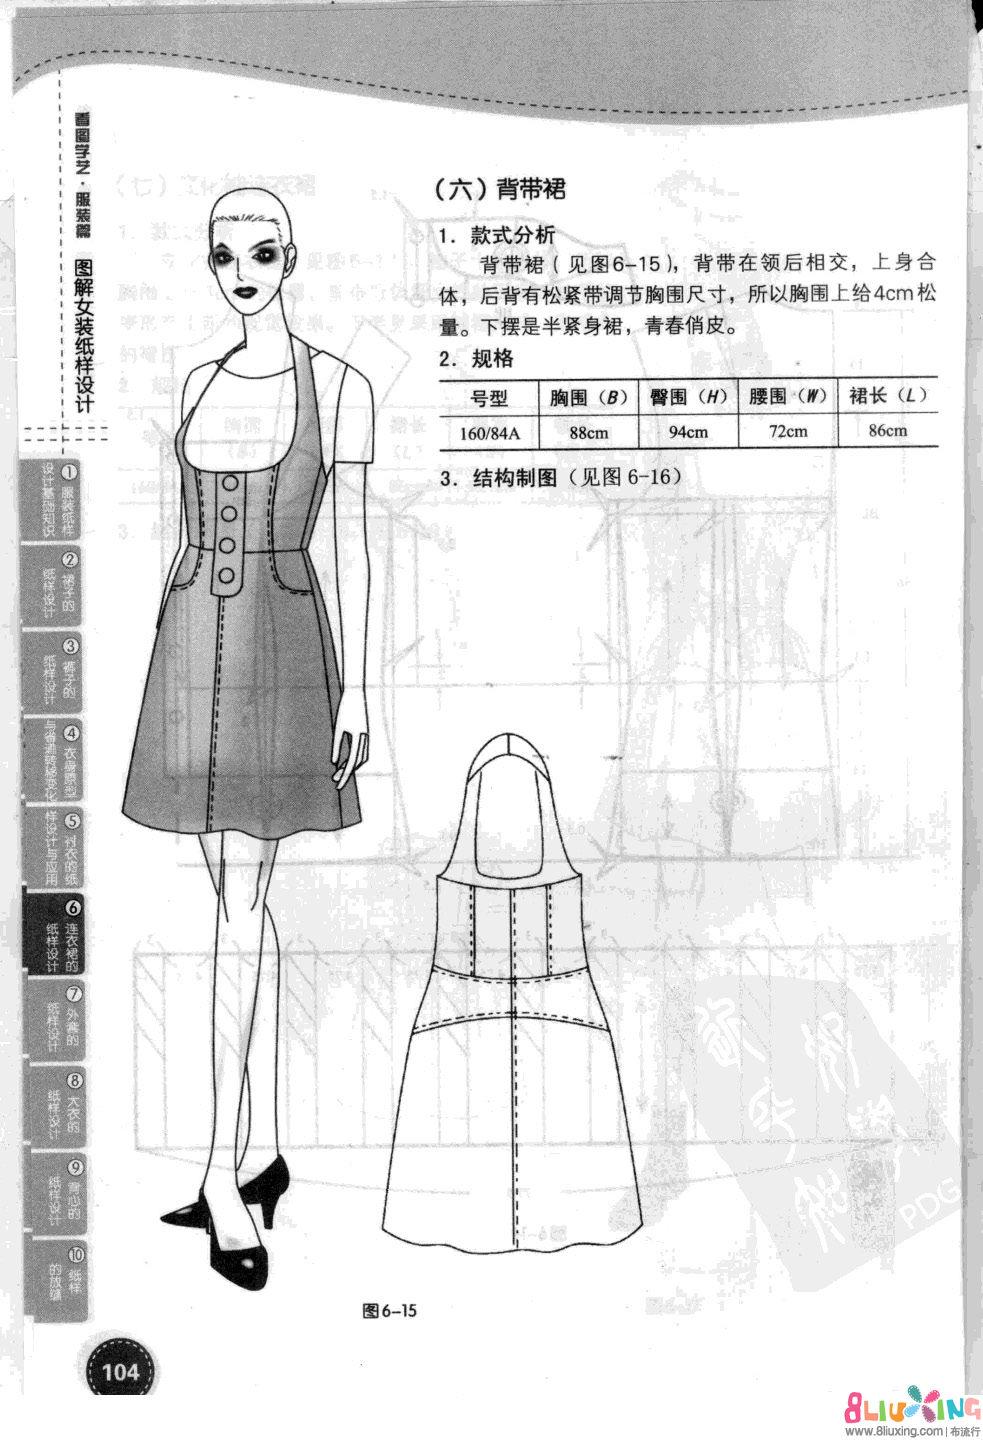 女士图纸裙流行图-线路下载专区布裁剪创维28372837ll2828rm3737l图纸背带图片